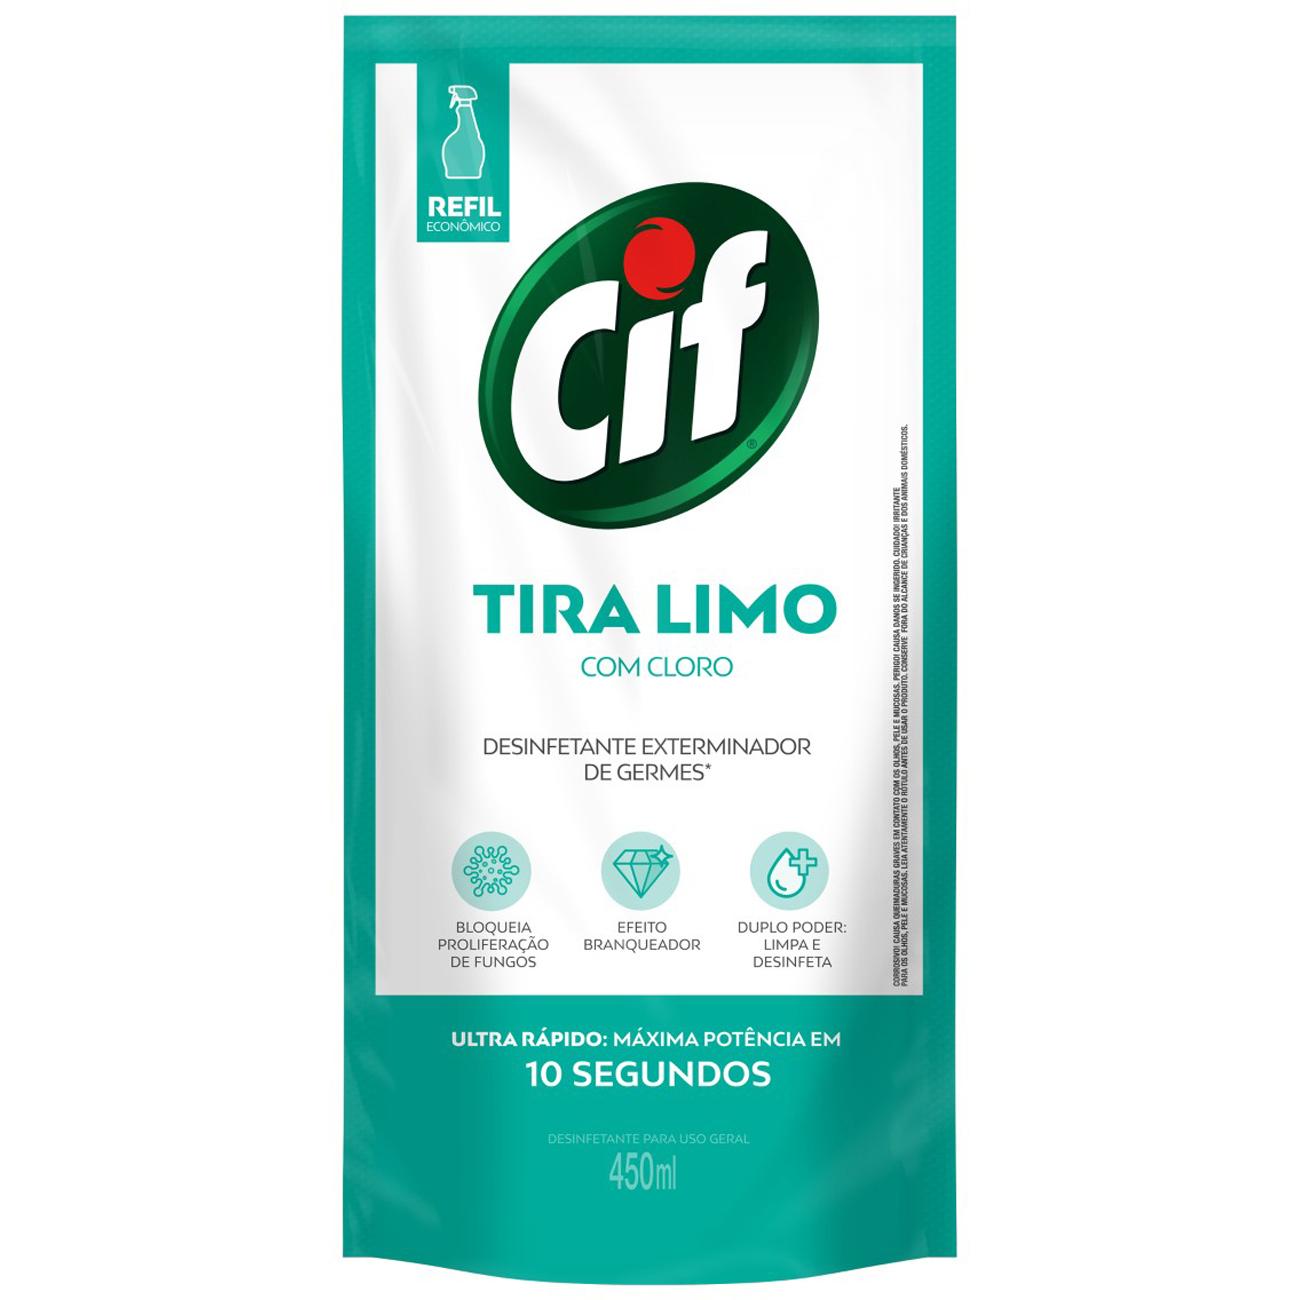 Refil Limpador Cif Ultra Rapido Tira-Limo 450Ml